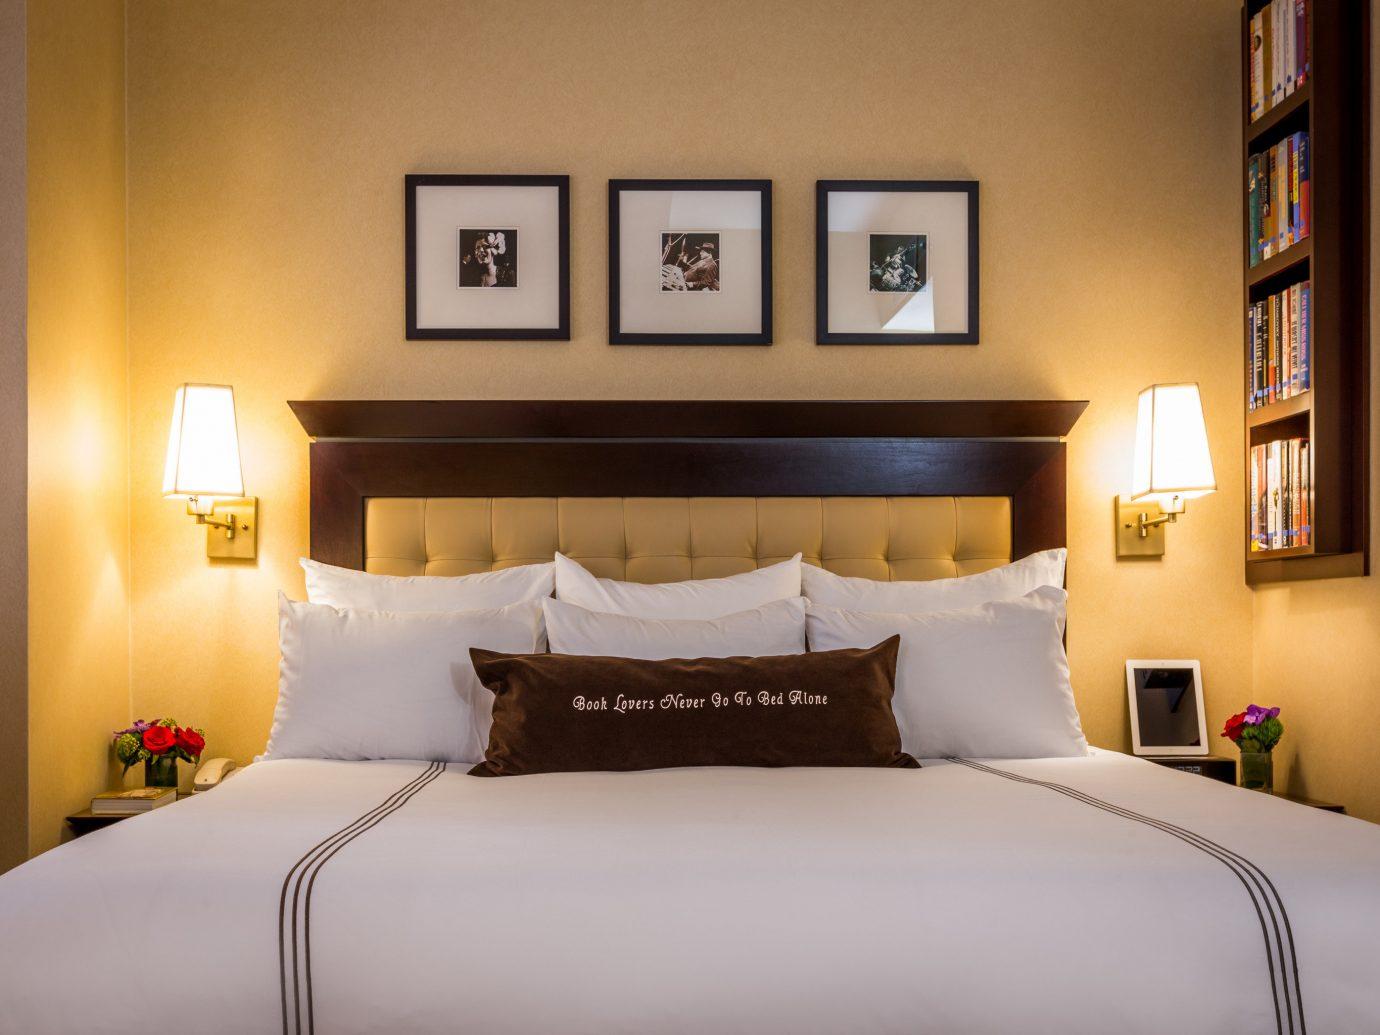 Hotels bed wall indoor room Bedroom property scene hotel interior design Suite furniture bed sheet bed frame estate cottage